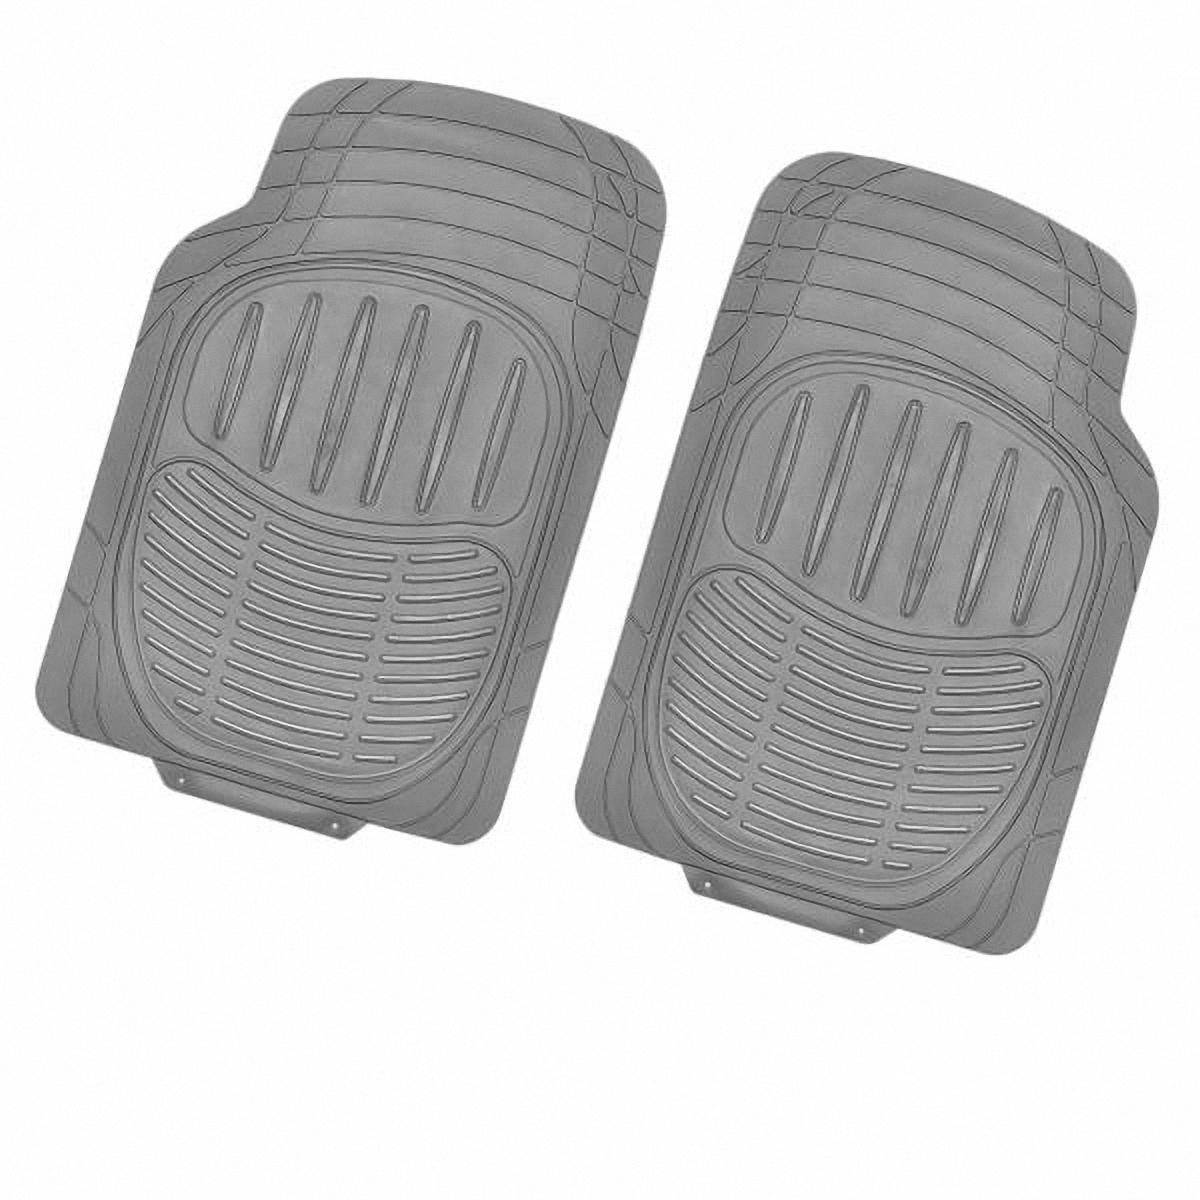 Коврик в салон автомобиля Skyway, передний, цвет: серый, 72 х 49 см, 2 штS01701018Комплект универсальных передних ковриков салона сохраняет эластичность даже при экстремально низких и высоких температурах (от -50°С до +50°С). Обладает повышенной устойчивостью к износу и агрессивным средам, таким как антигололёдные реагенты, масло и топливо. Усовершенствованная конструкция изделия обеспечивает плотное прилегание и надёжную фиксацию коврика на полу автомобиля. Размер: 72 х 49 см. Комплектация: 2 шт.